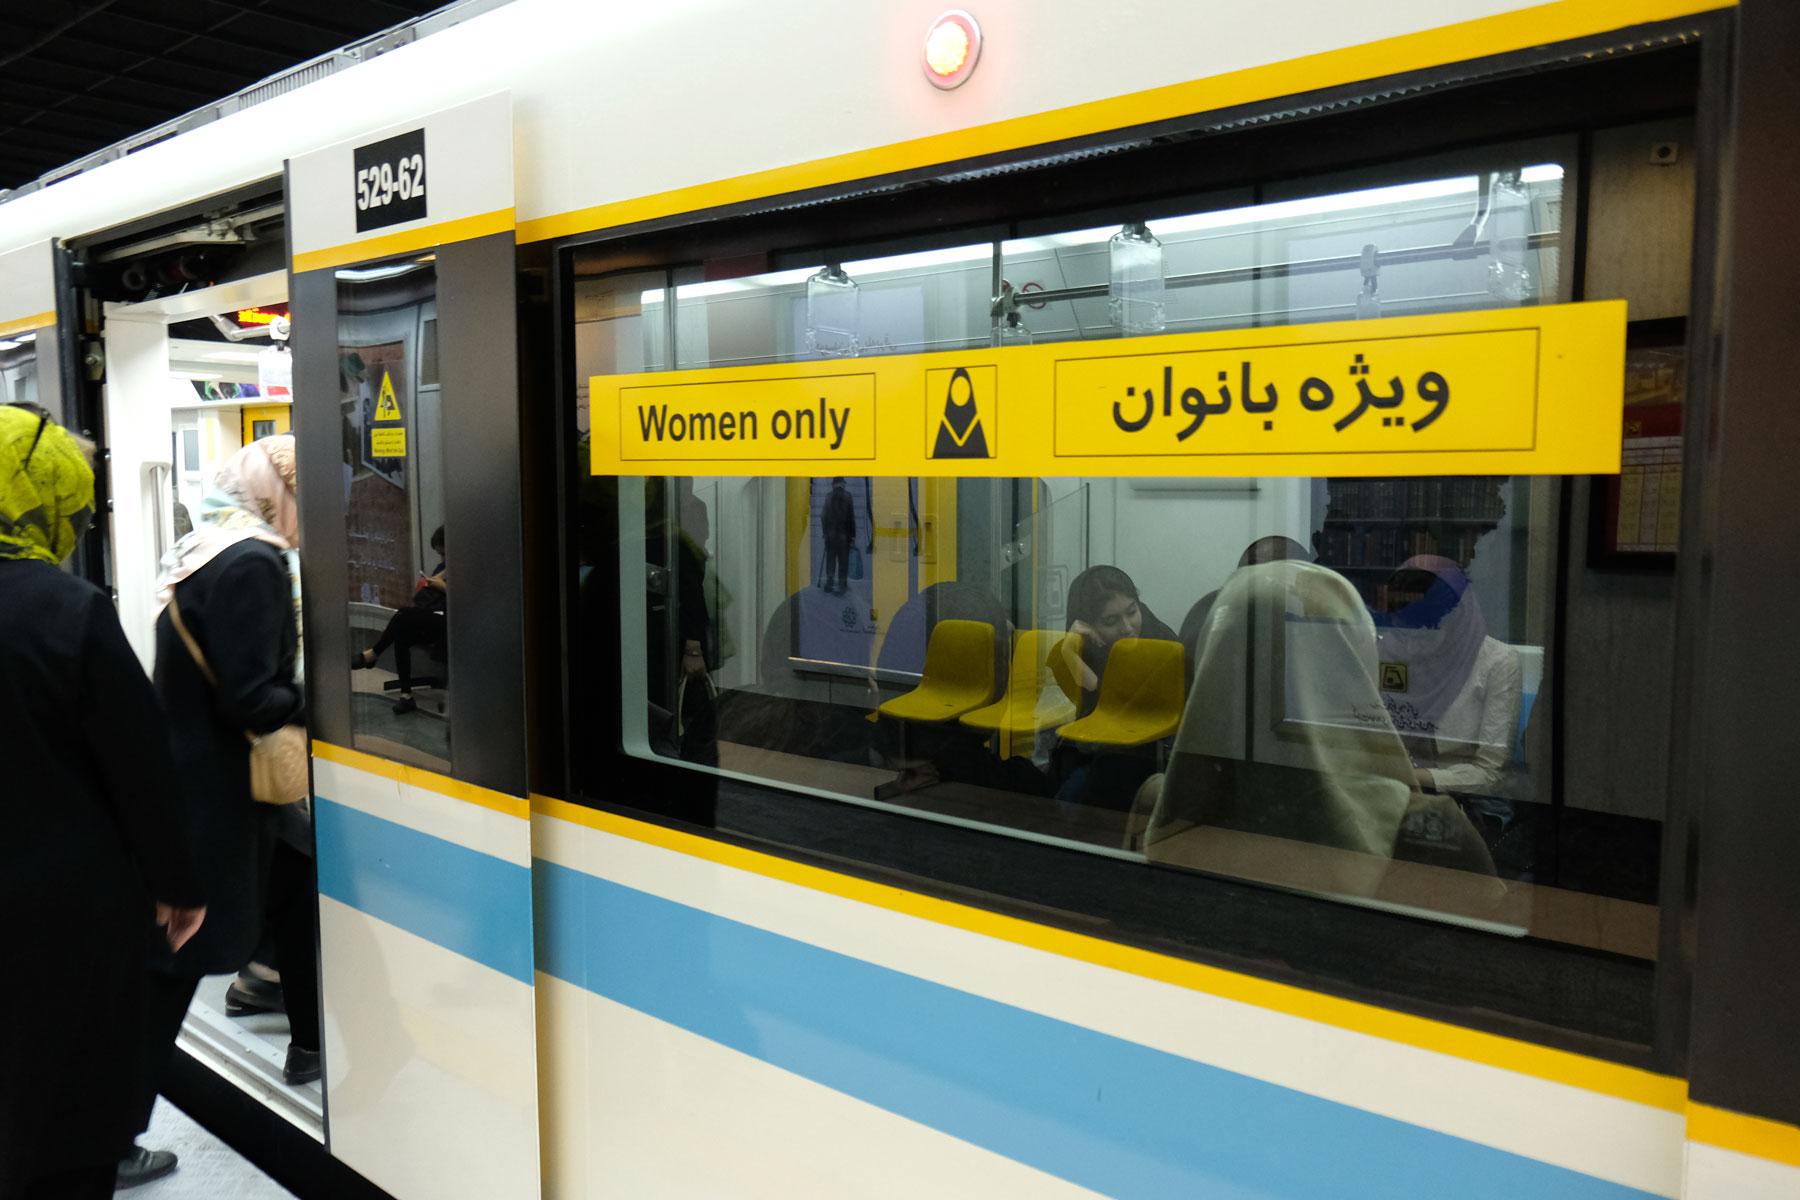 Ein U-Bahnwagon mit einem Hinweisschild, dass nur Frauen mitfahren dürfen